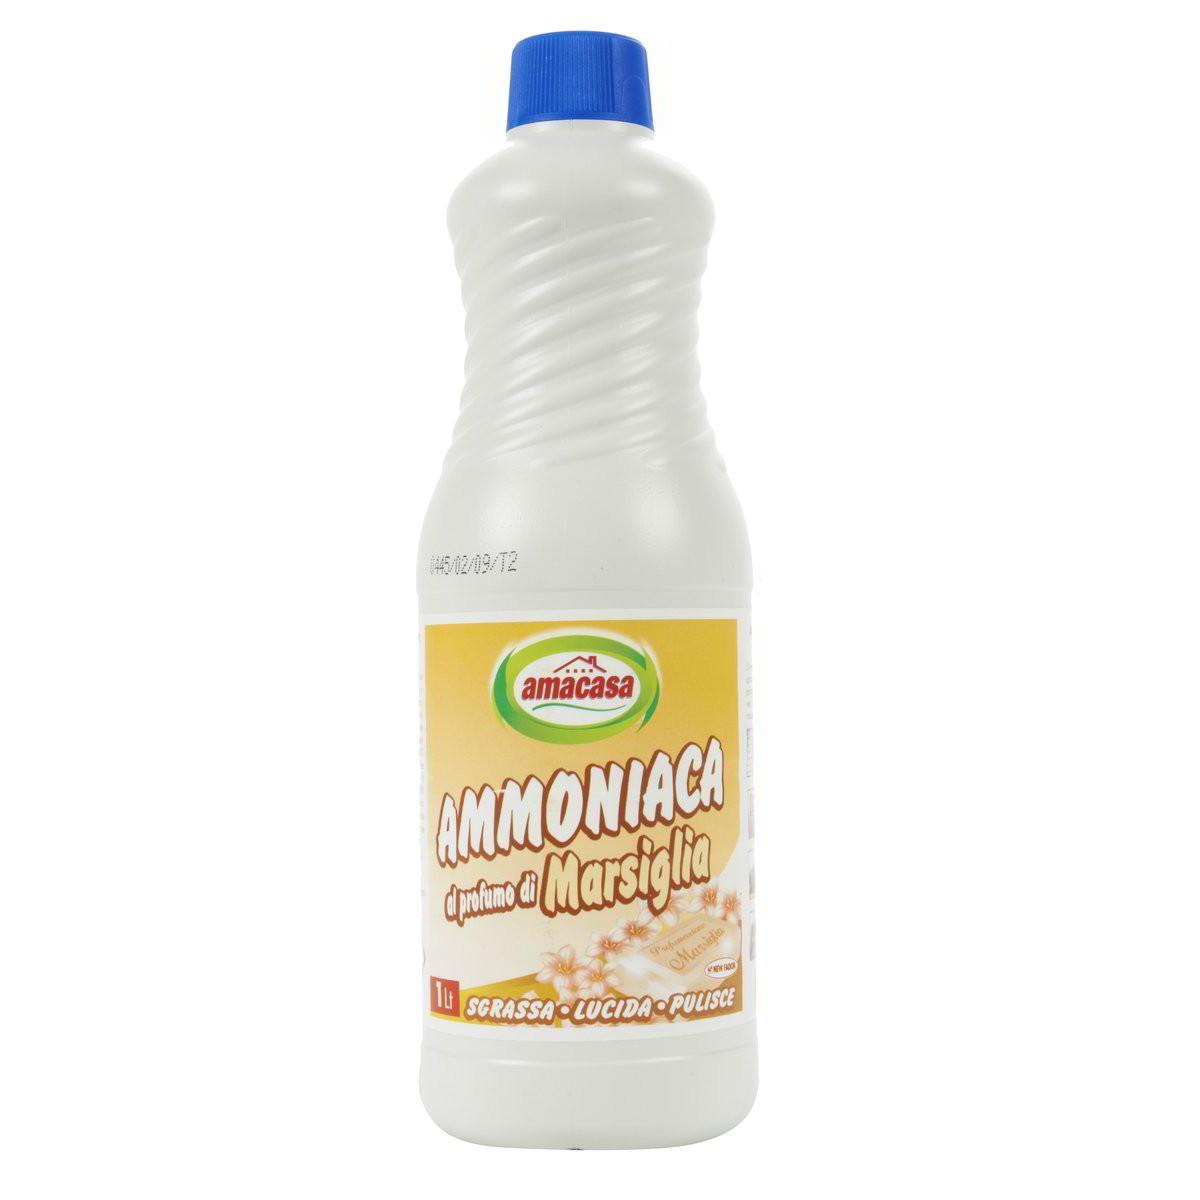 Amacasa Ammoniaca al profumo di marsiglia